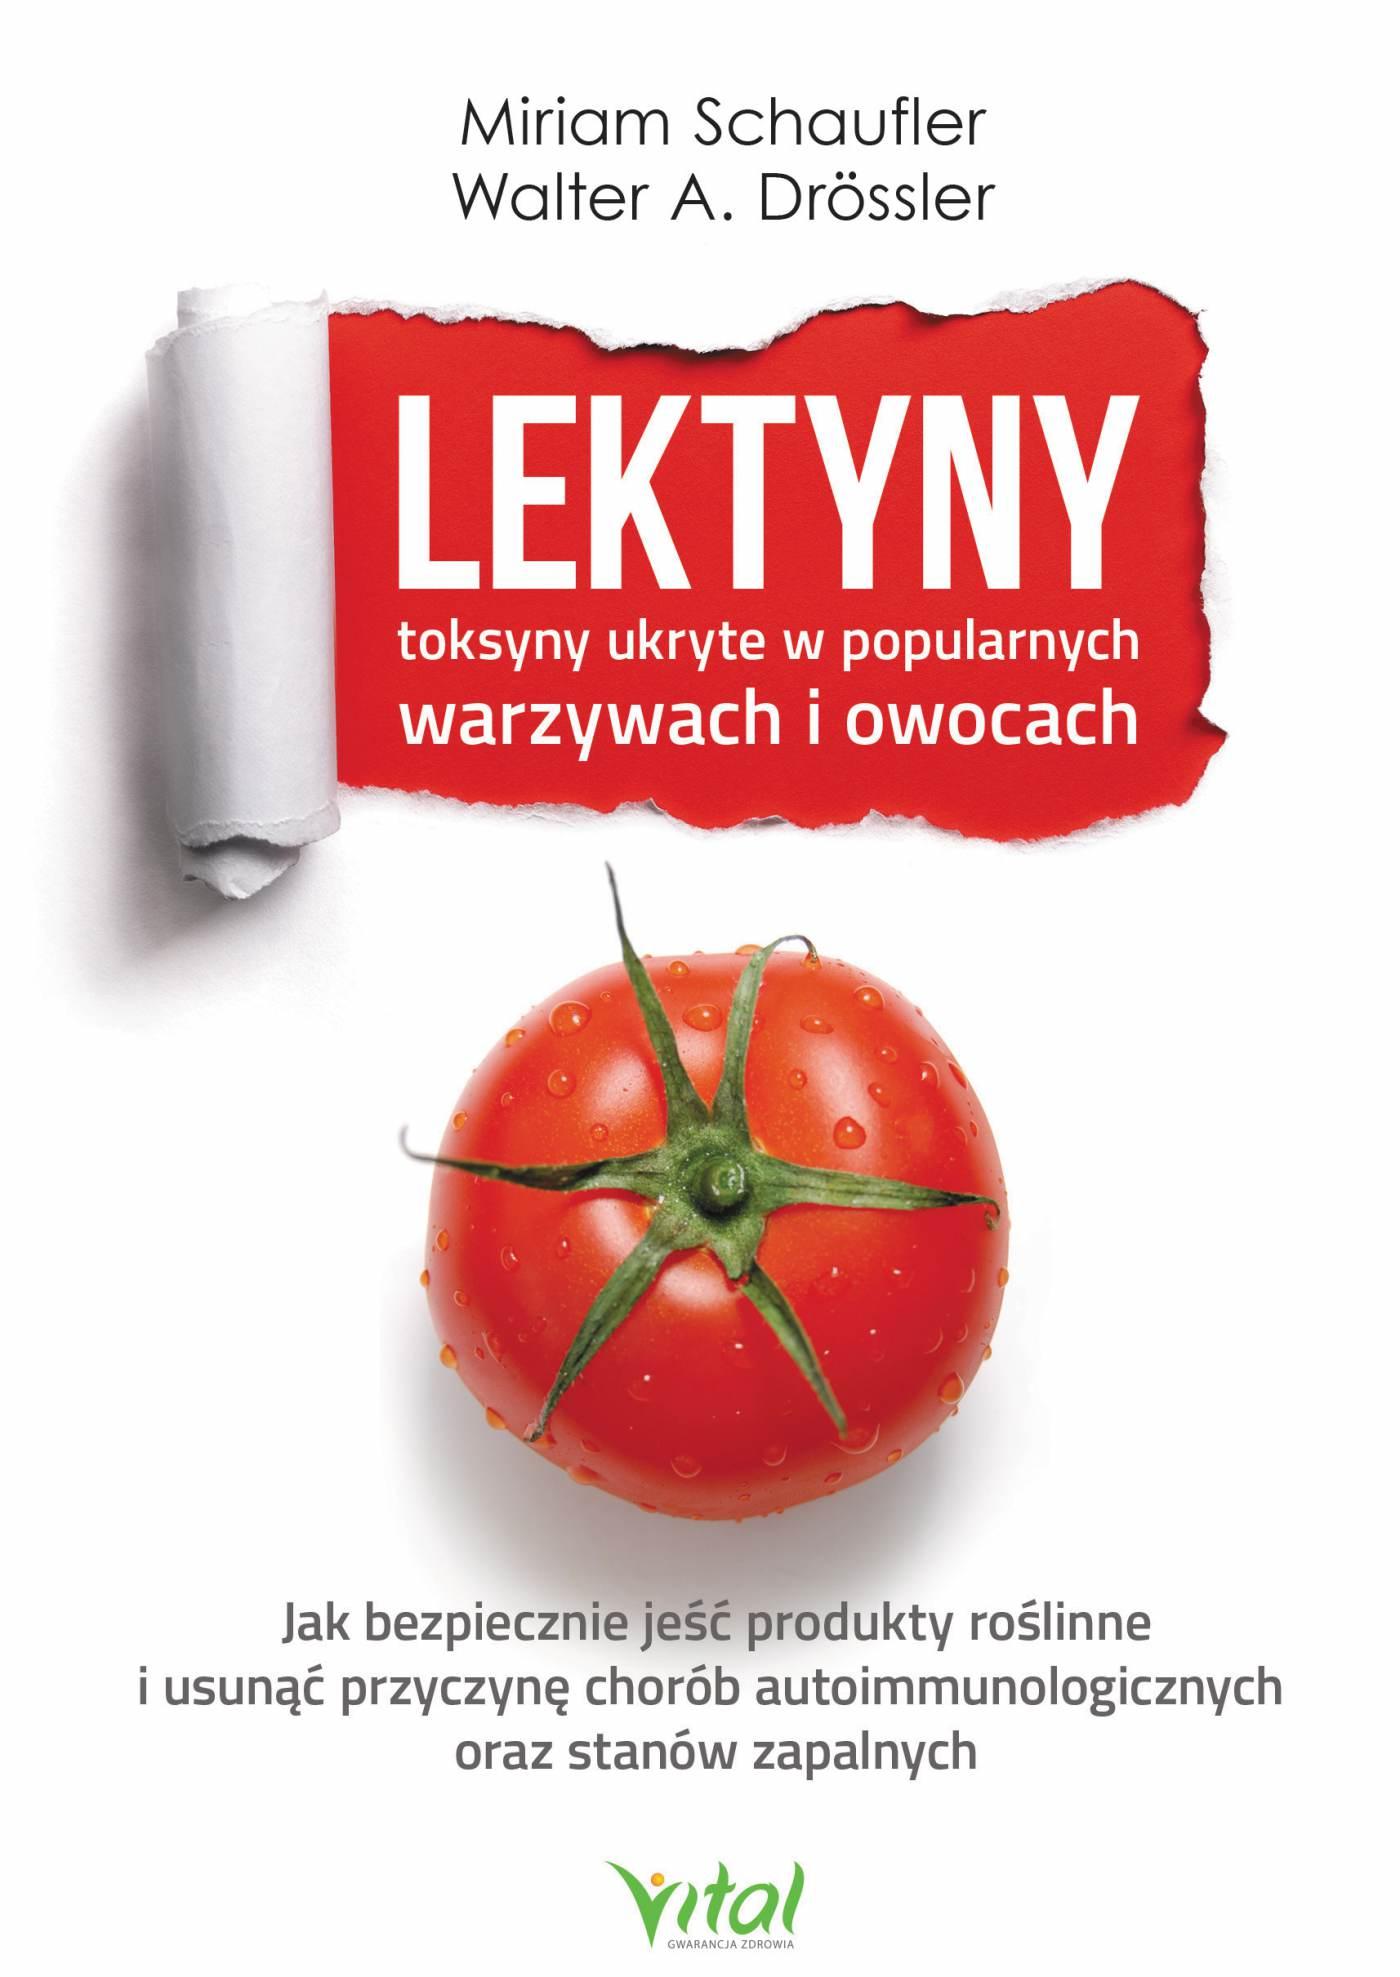 Lektyny - toksyny ukryte w popularnych warzywach i owocach - Ebook (Książka EPUB) do pobrania w formacie EPUB